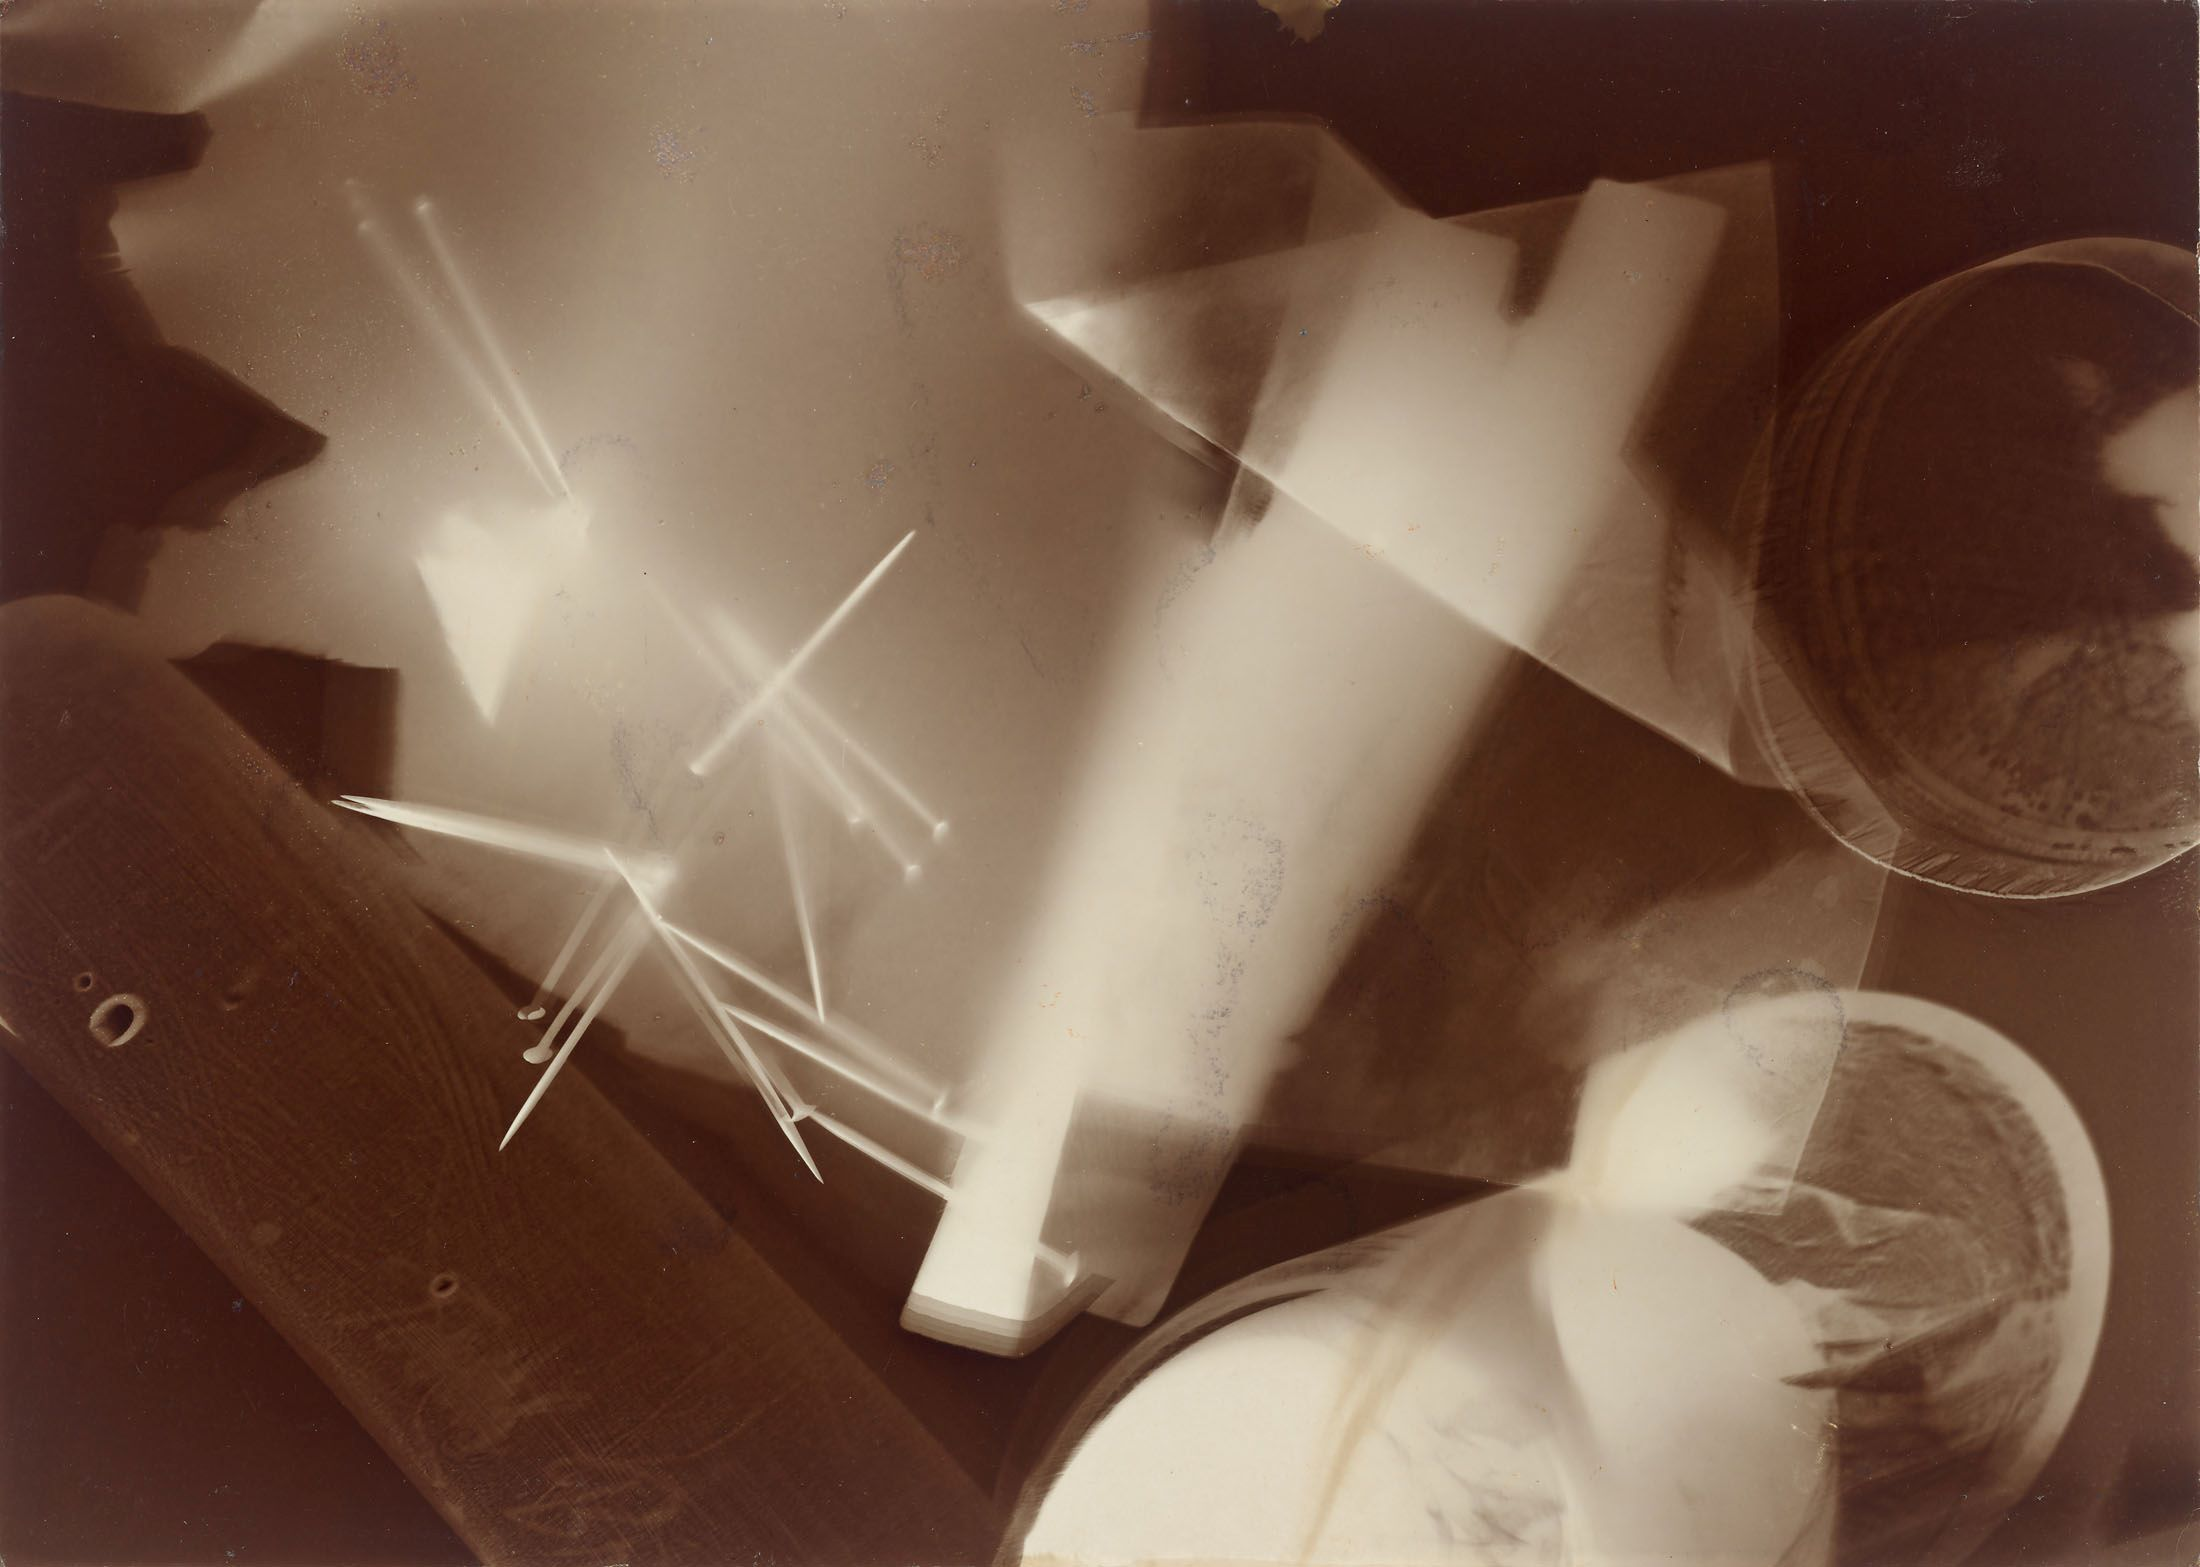 László Moholy-Nagys unikates Photogramm von 1923/25 sorgte für einen weiteren deutschen Rekordpreis | Abb. Grisebach